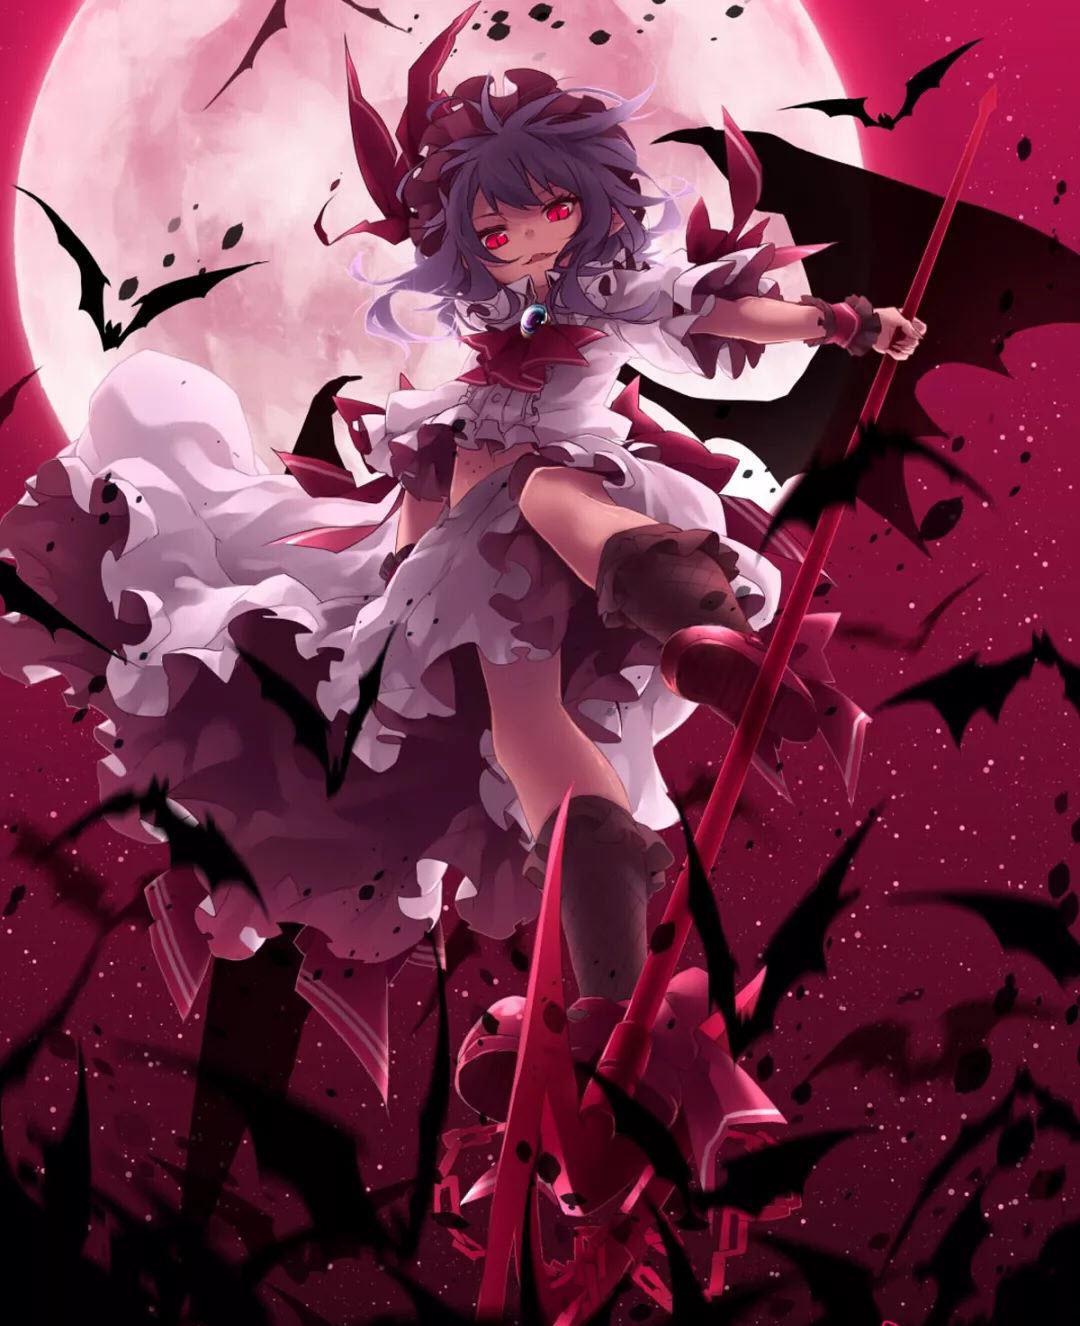 Ảnh Anime ác quỷ cool ngầu